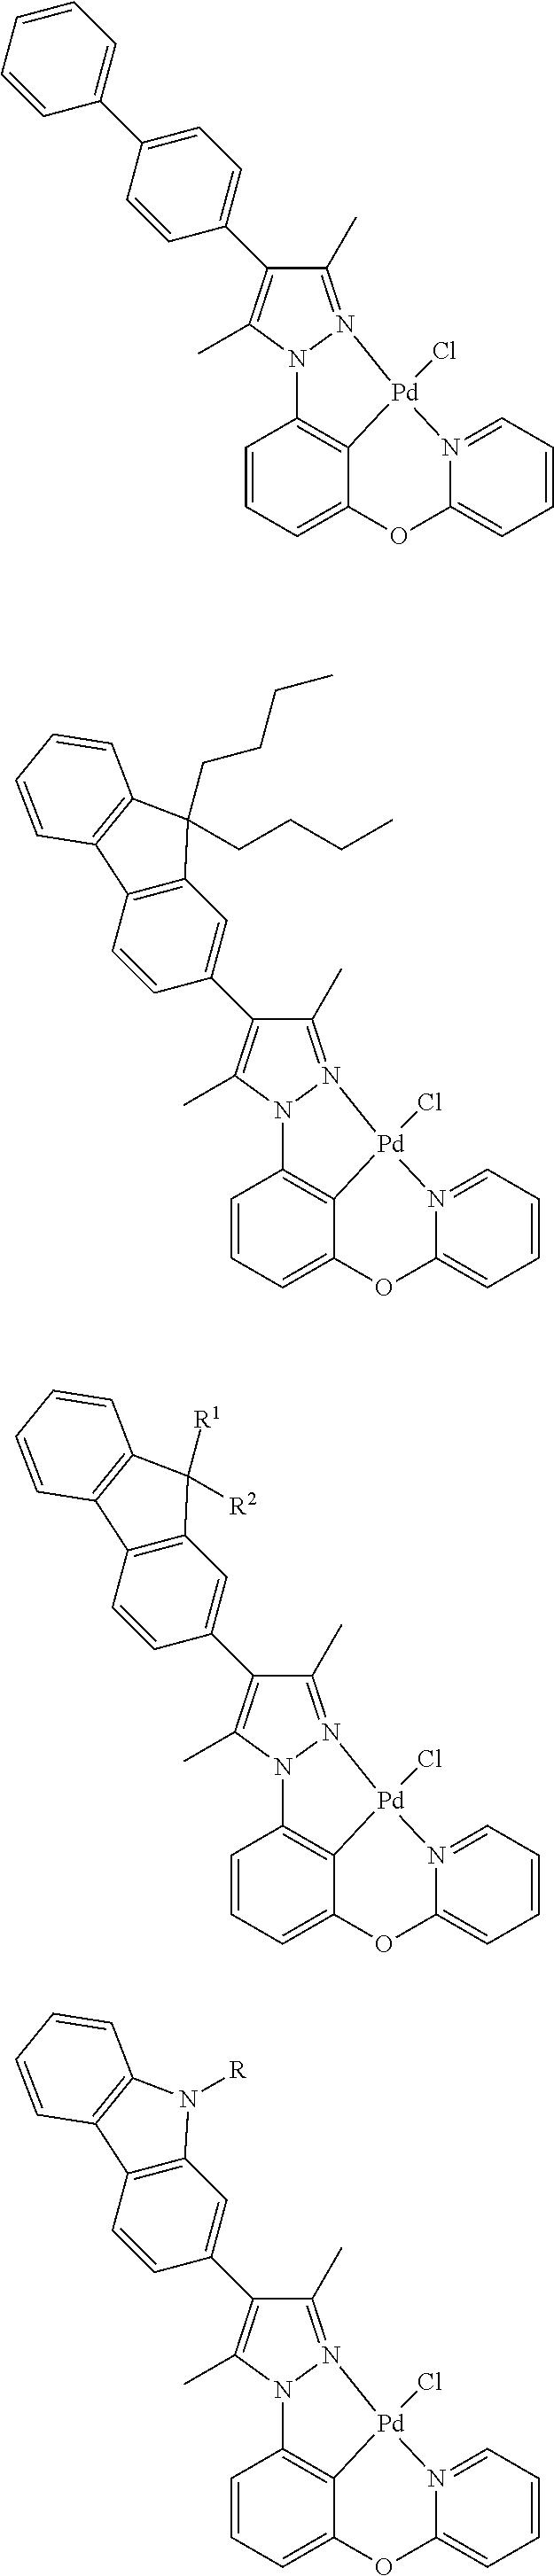 Figure US09818959-20171114-C00171